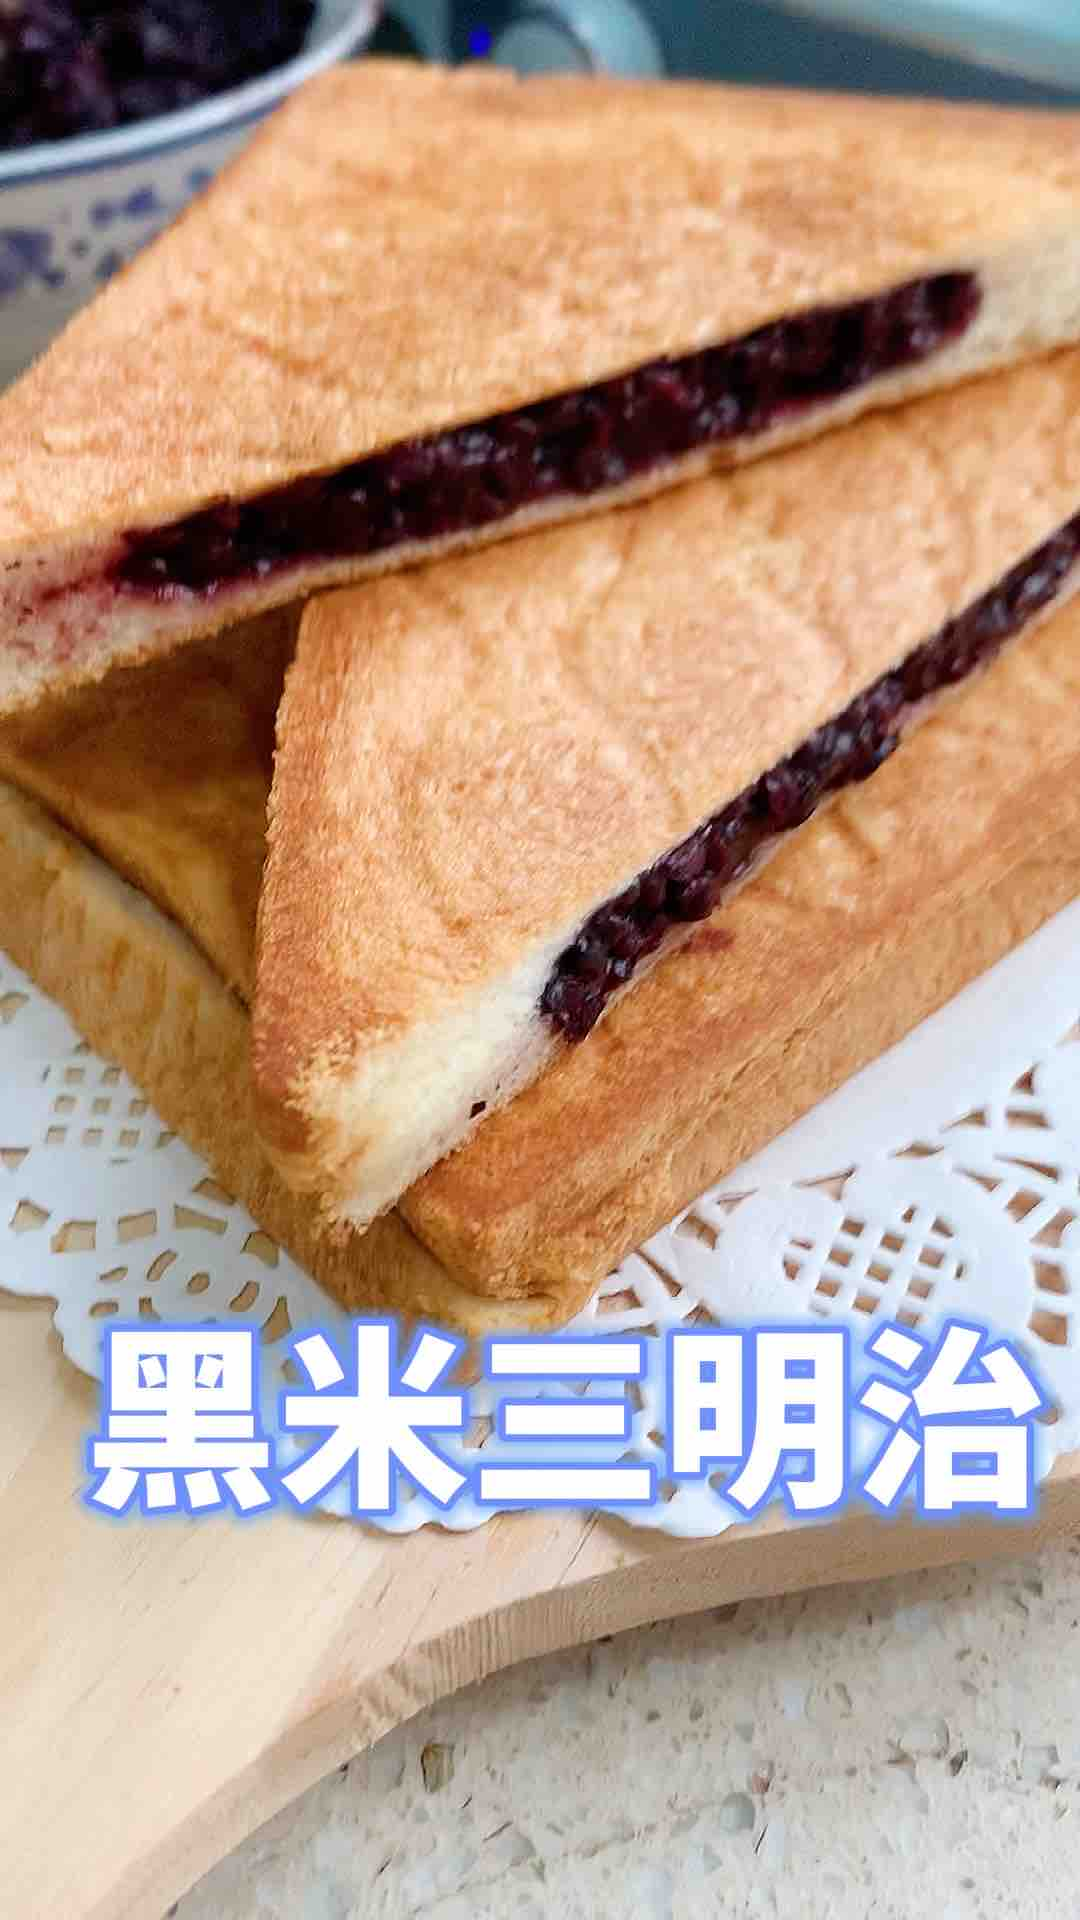 黑米三明治怎么煮